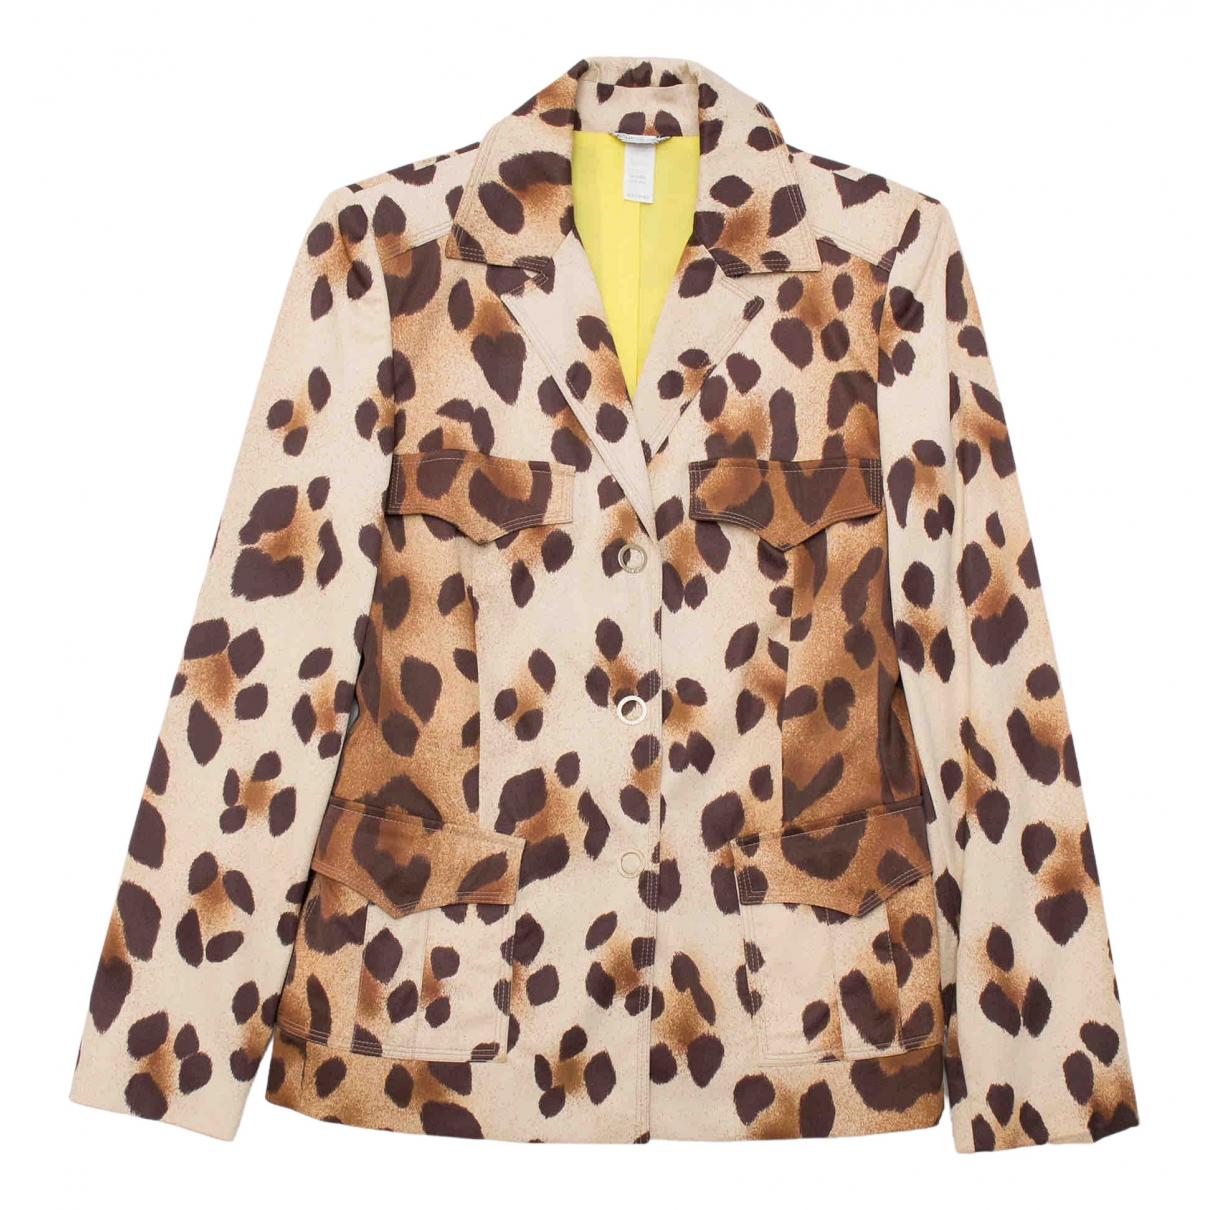 Gianni Versace - Veste   pour femme - beige